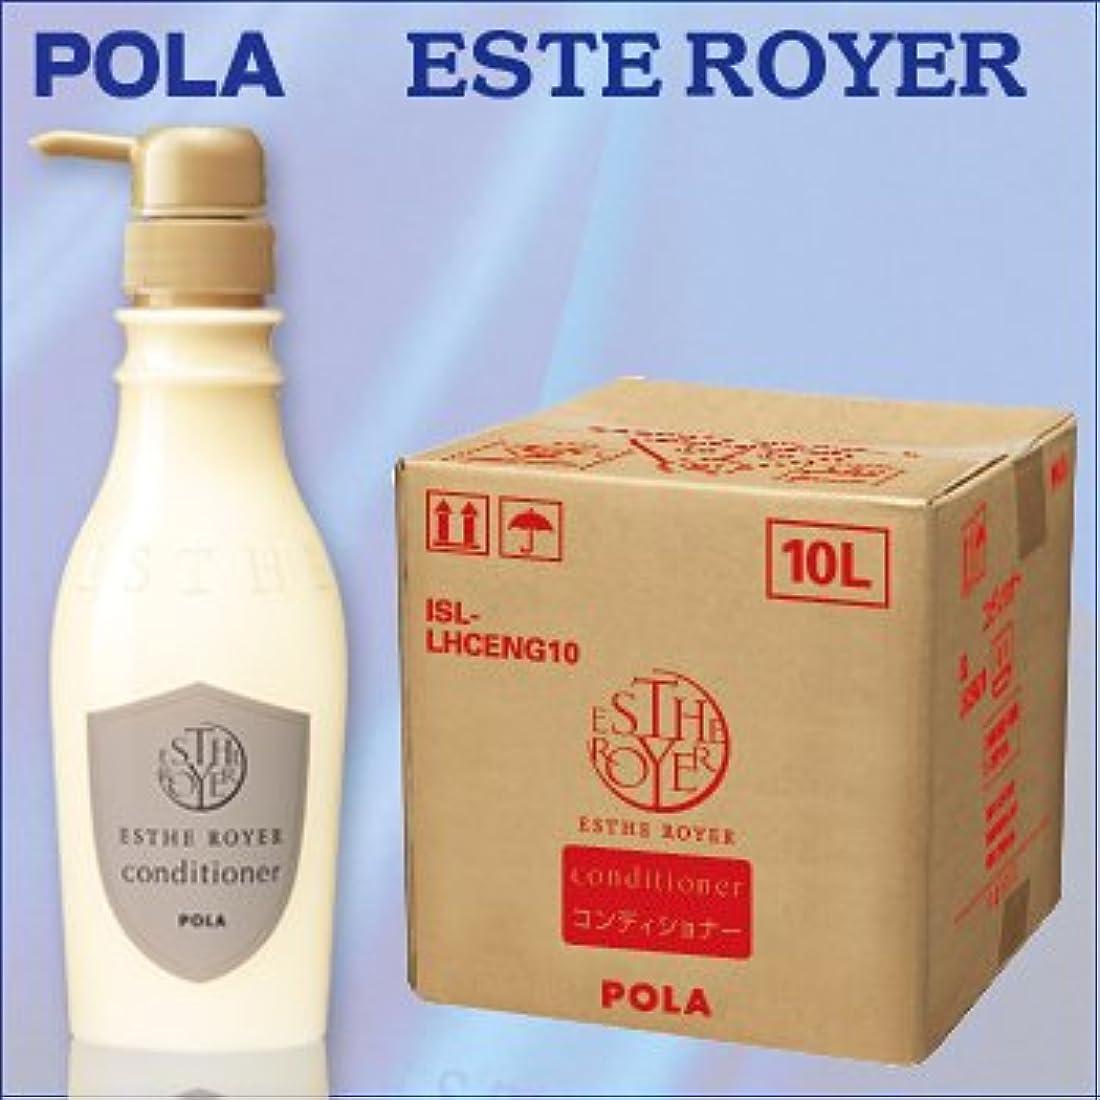 計画後悔受取人POLAエステロワイエ 業務用コンディショナー 10L (1セット10L入)